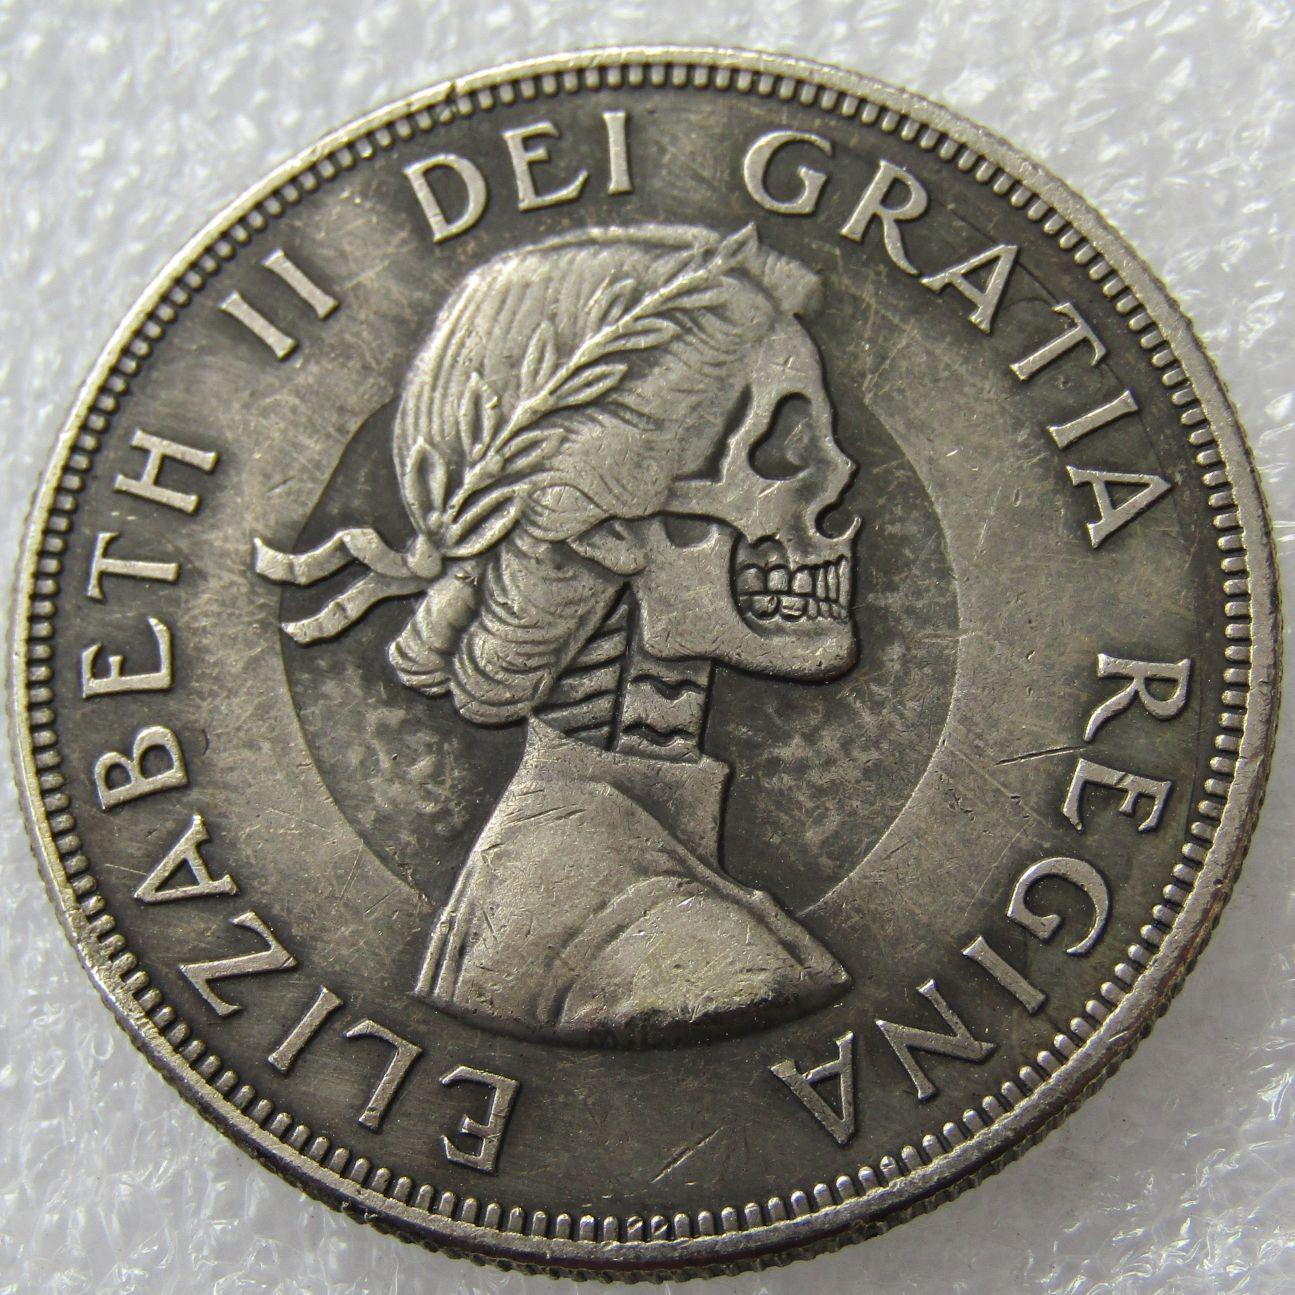 Großhandel Hobo Kanada 1962 1 Dollar Elizabeth Ii Dei Gratia Regina